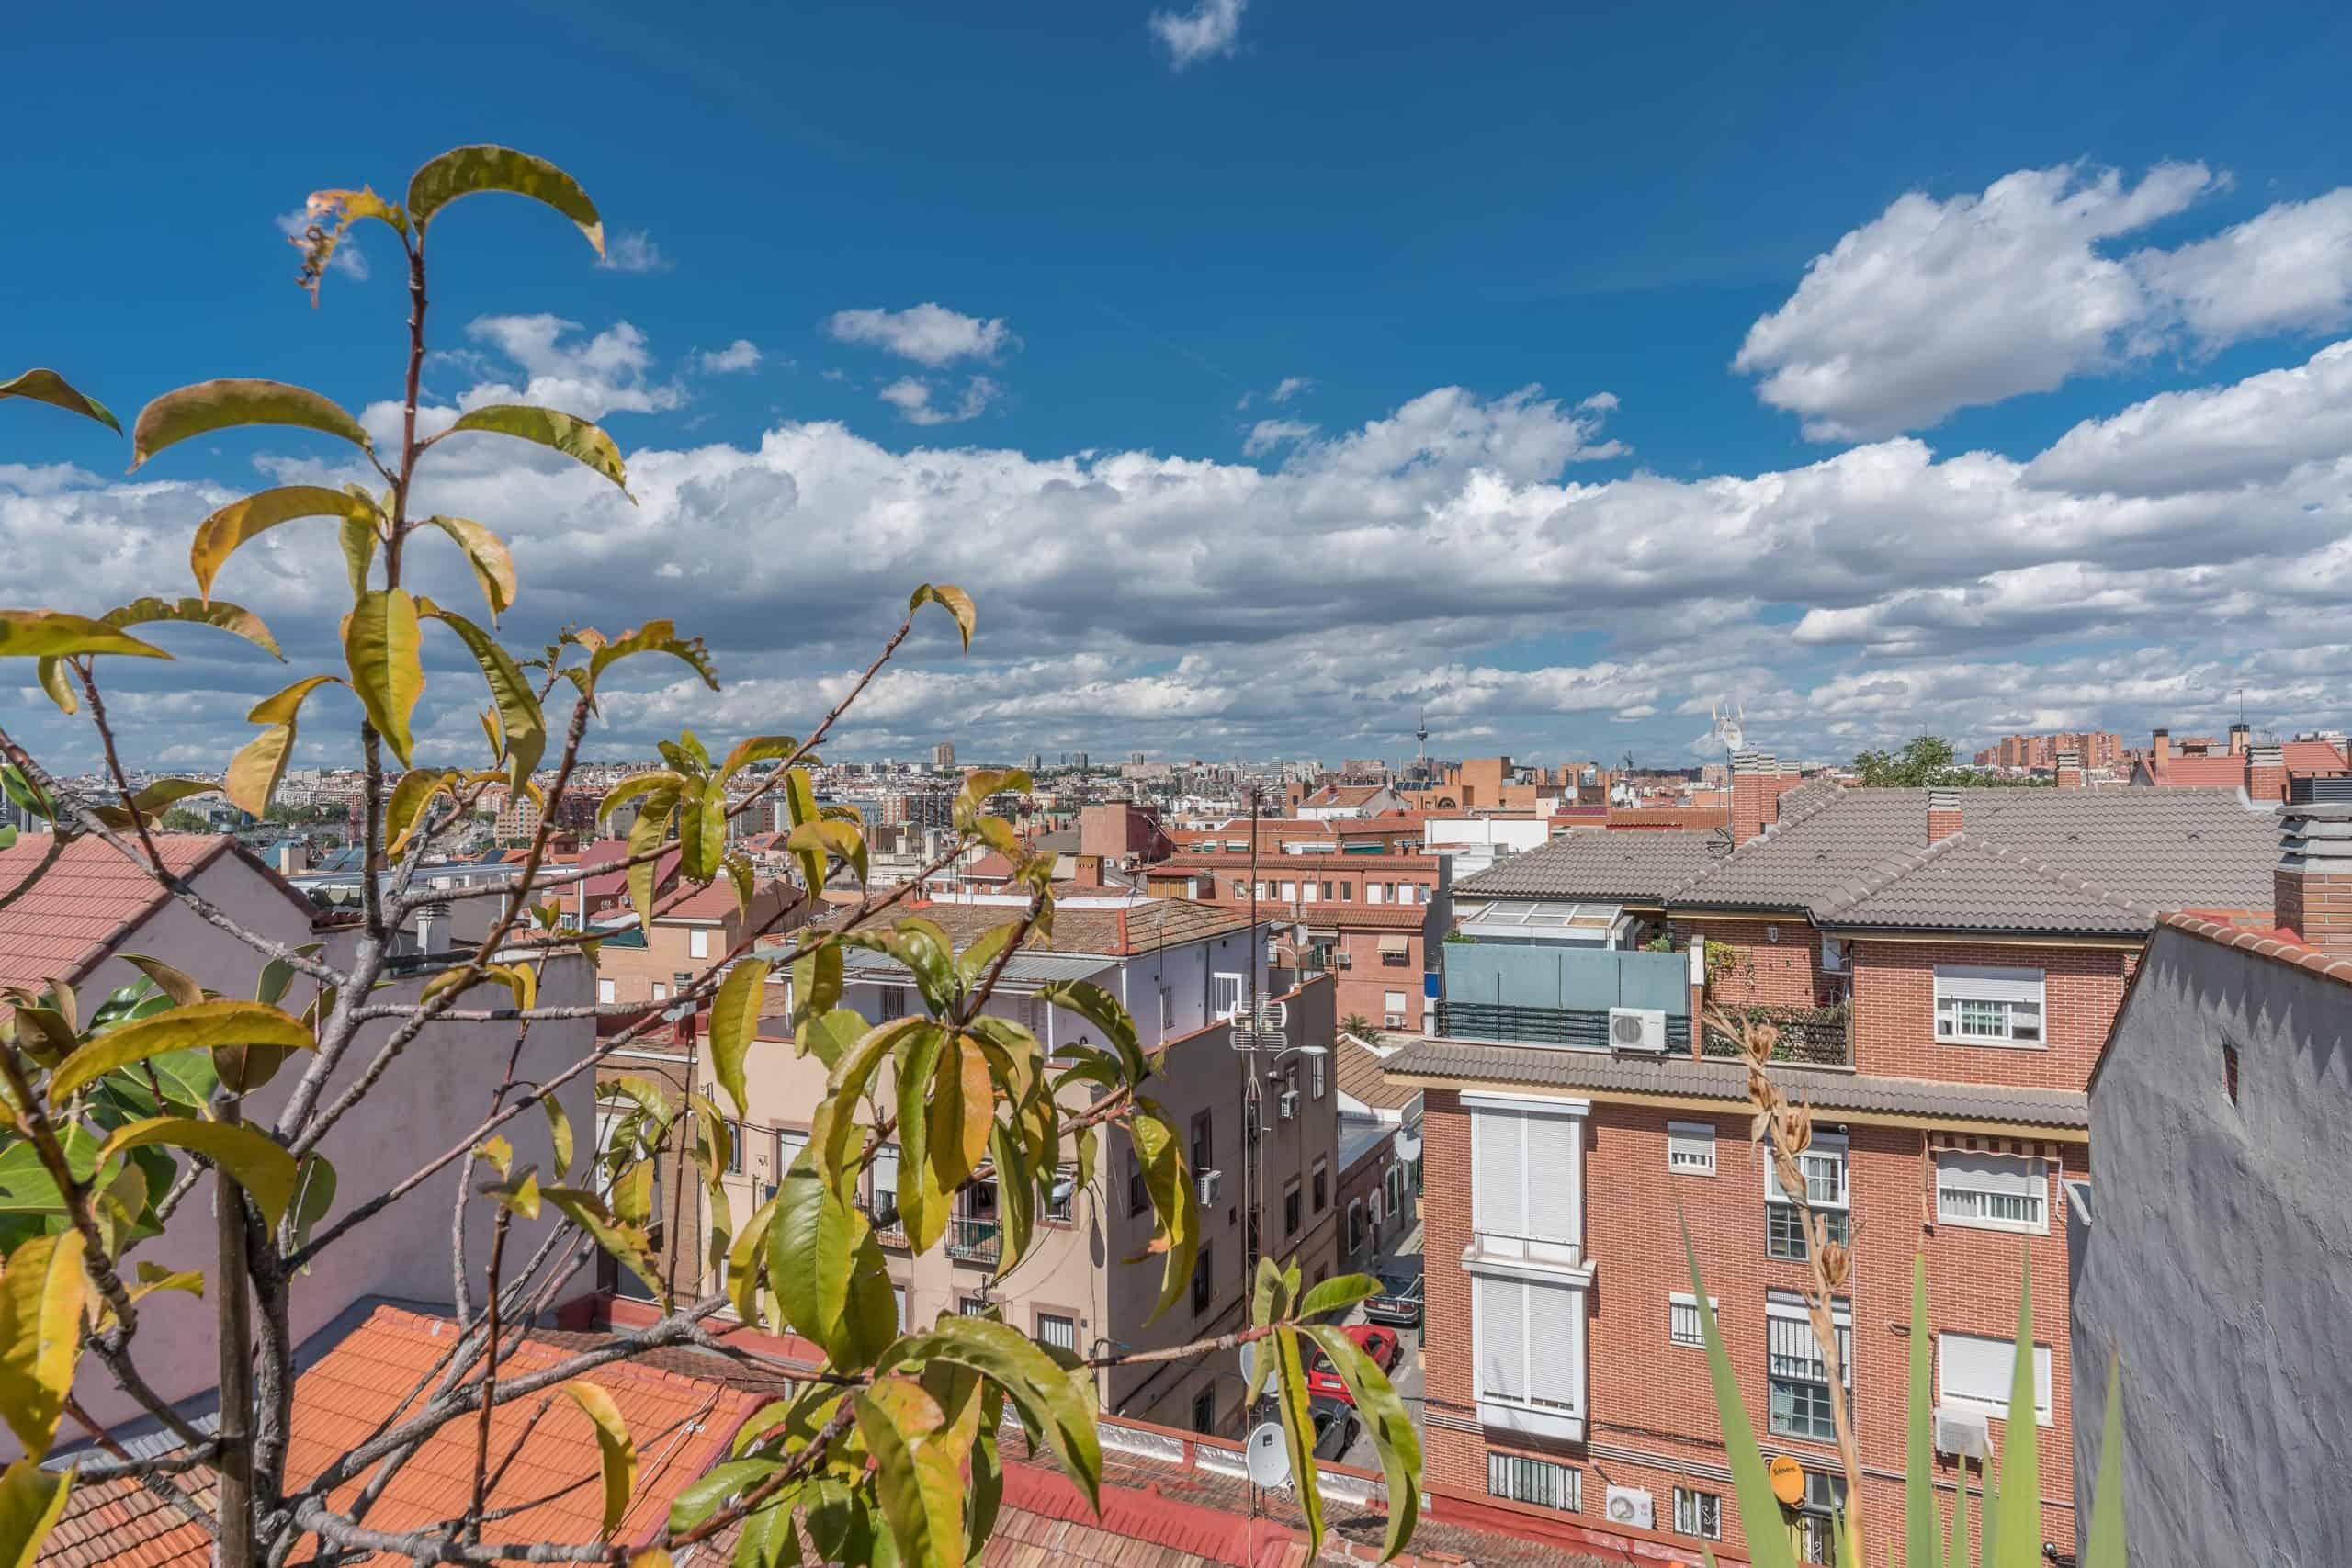 Agencia Inmobiliaria de Madrid-FUTUROCASA-Zona ARGANZUELA-EMBAJADORES-LEGAZPI -calle Sierra Alcaraz- Atico-vistas